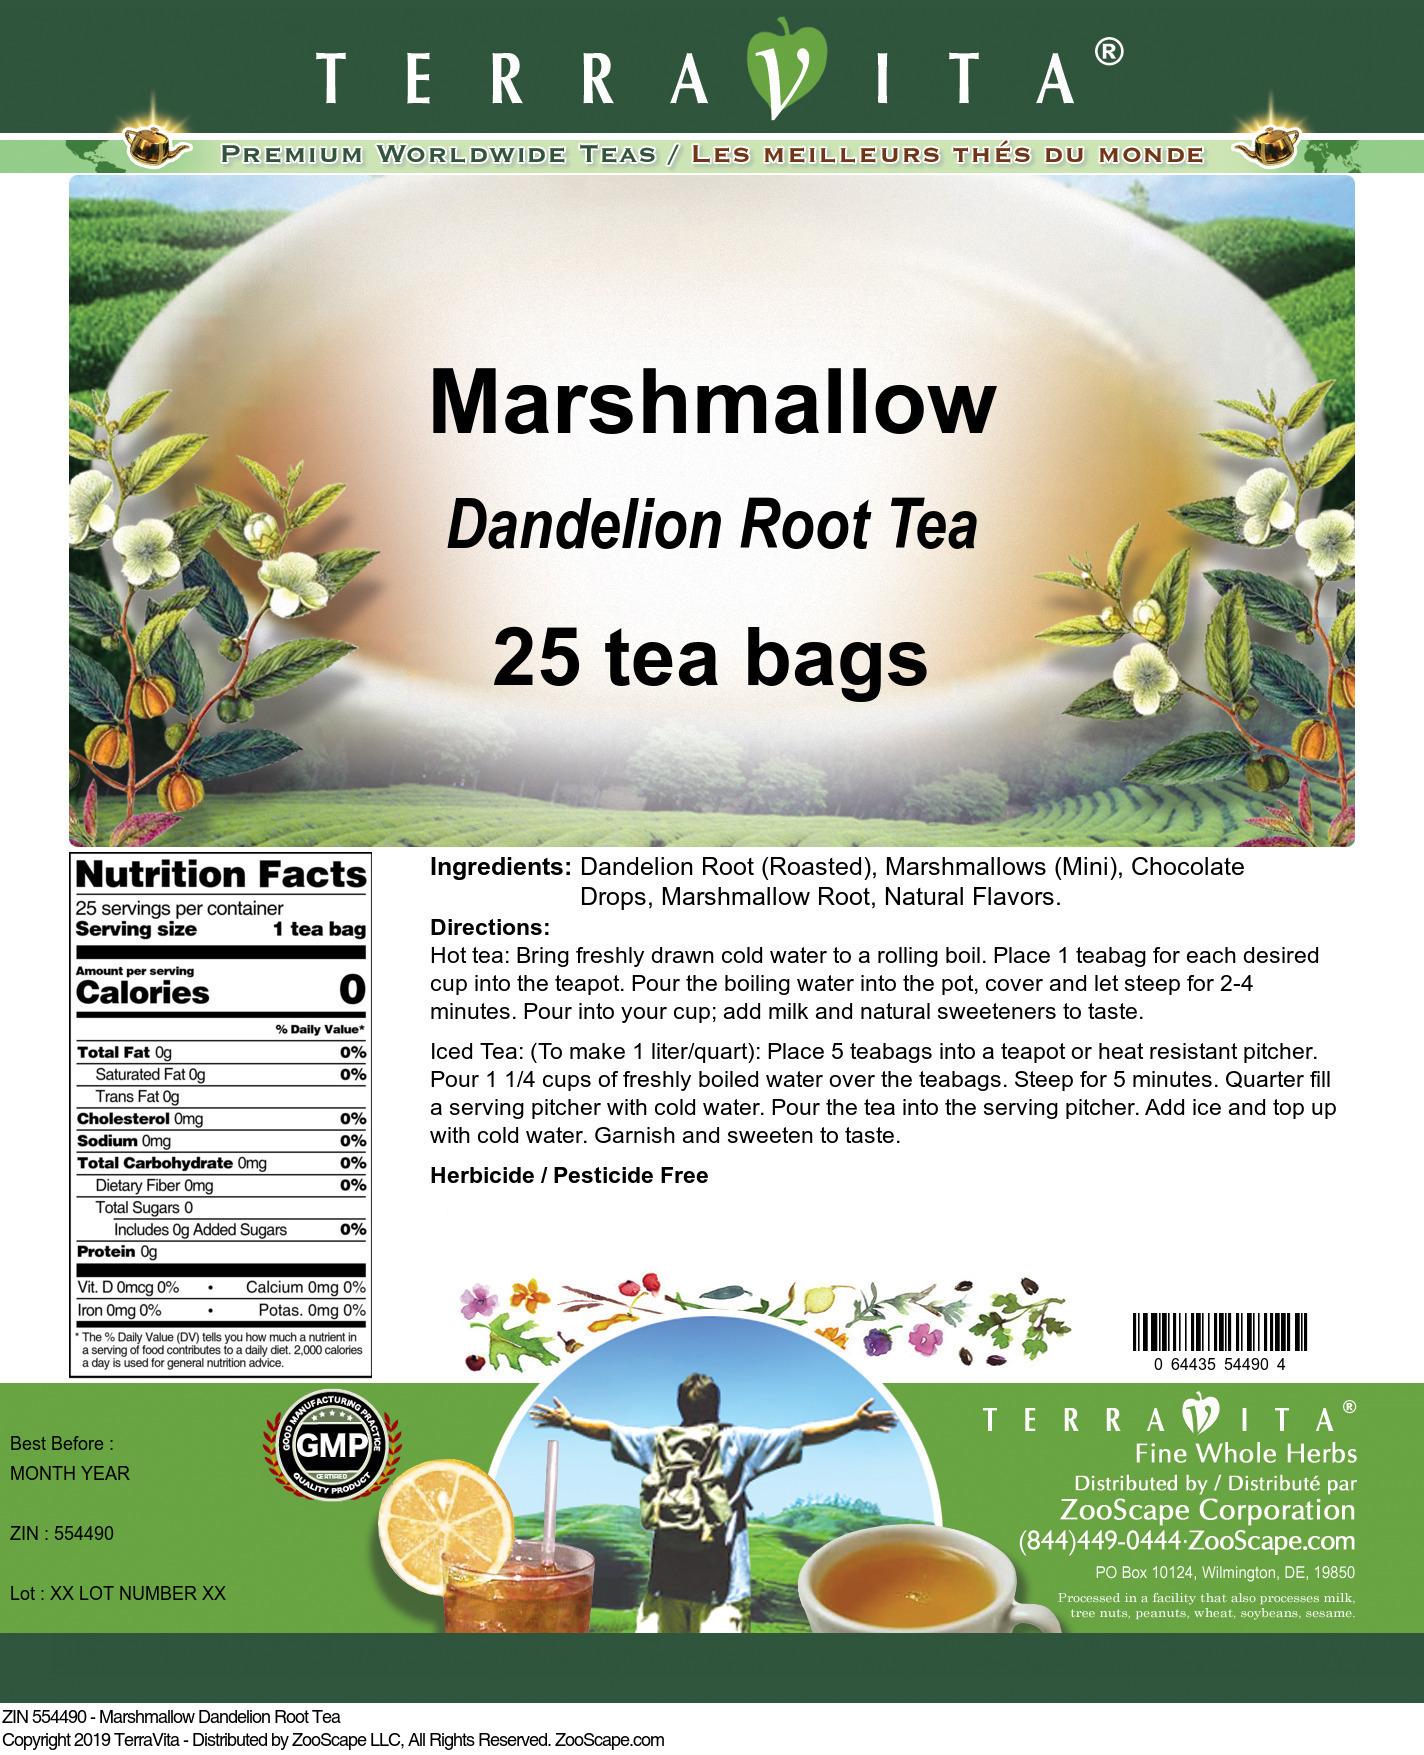 Marshmallow Dandelion Root Tea